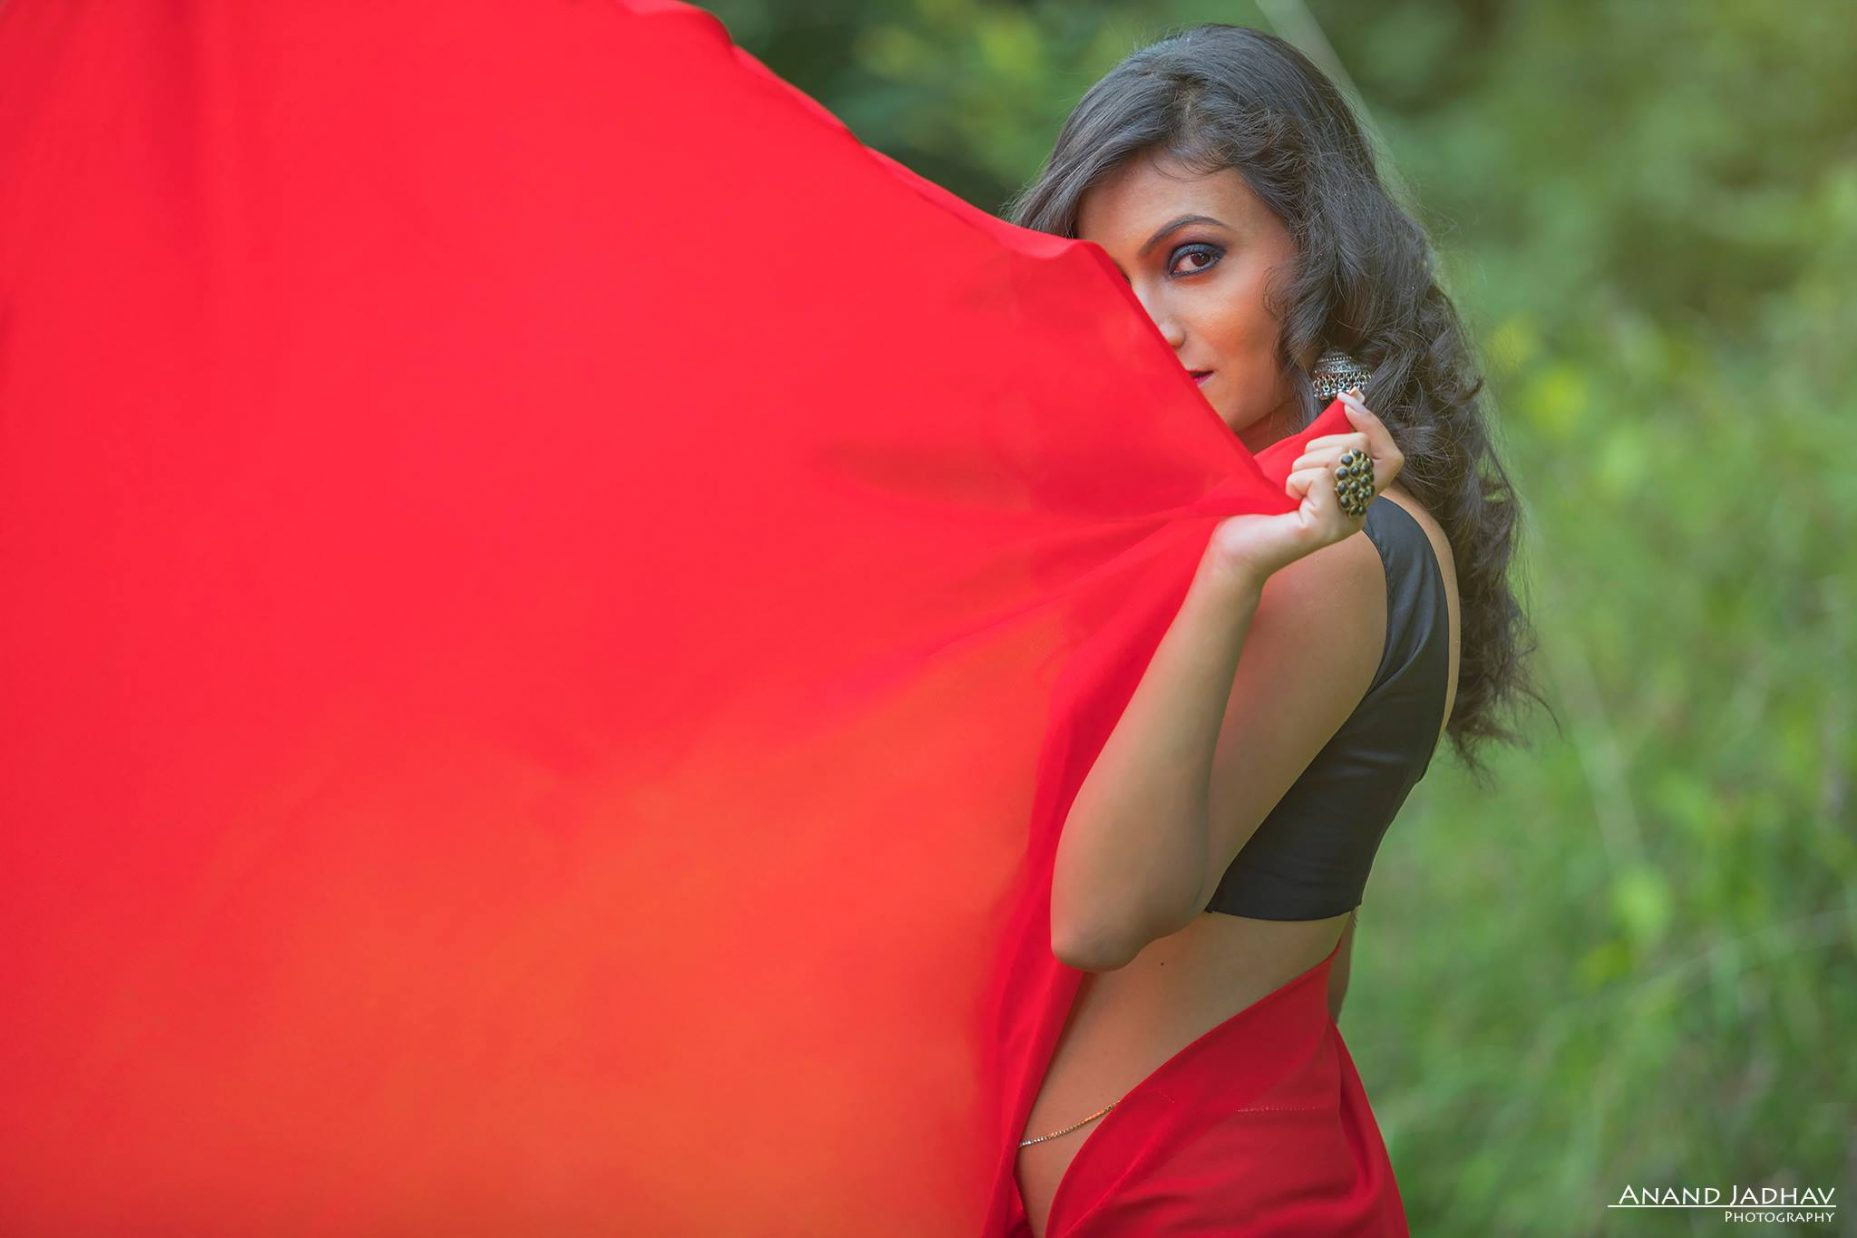 AnandJadhav_Fashion46